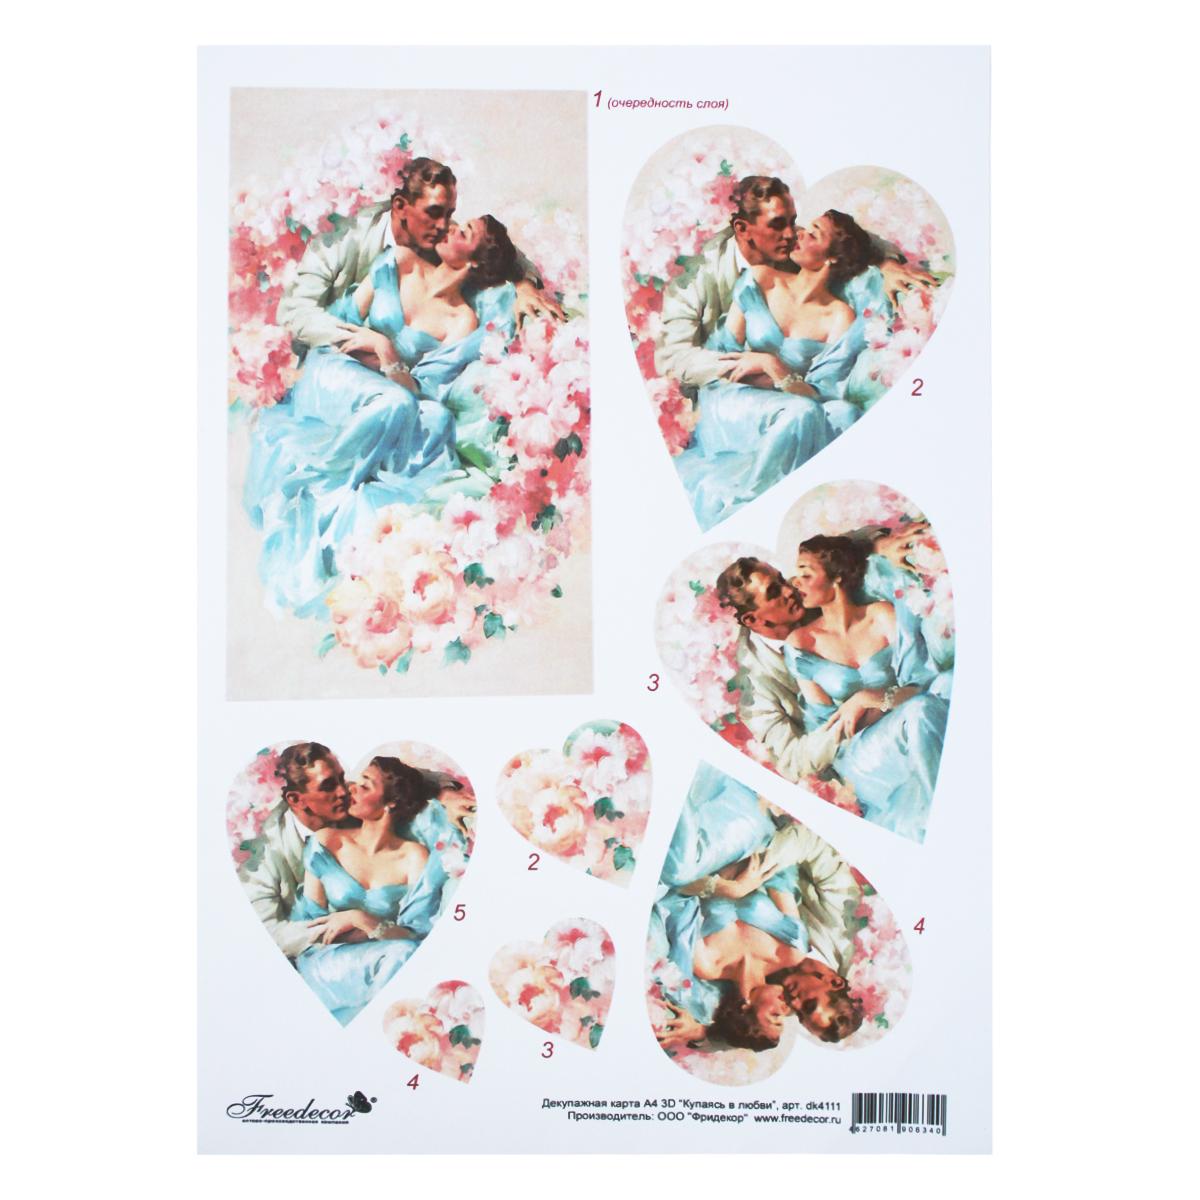 Декупажная карта Freedecor, А3, 80 гр./м.кв. Dk 4111688642_4111Декупажные карты Фридекор отличаются оригинальными, стильными дизайнами и прекрасным качеством. Печать декупажных карт происходит на бумаге плотностью 80 гр/м2.